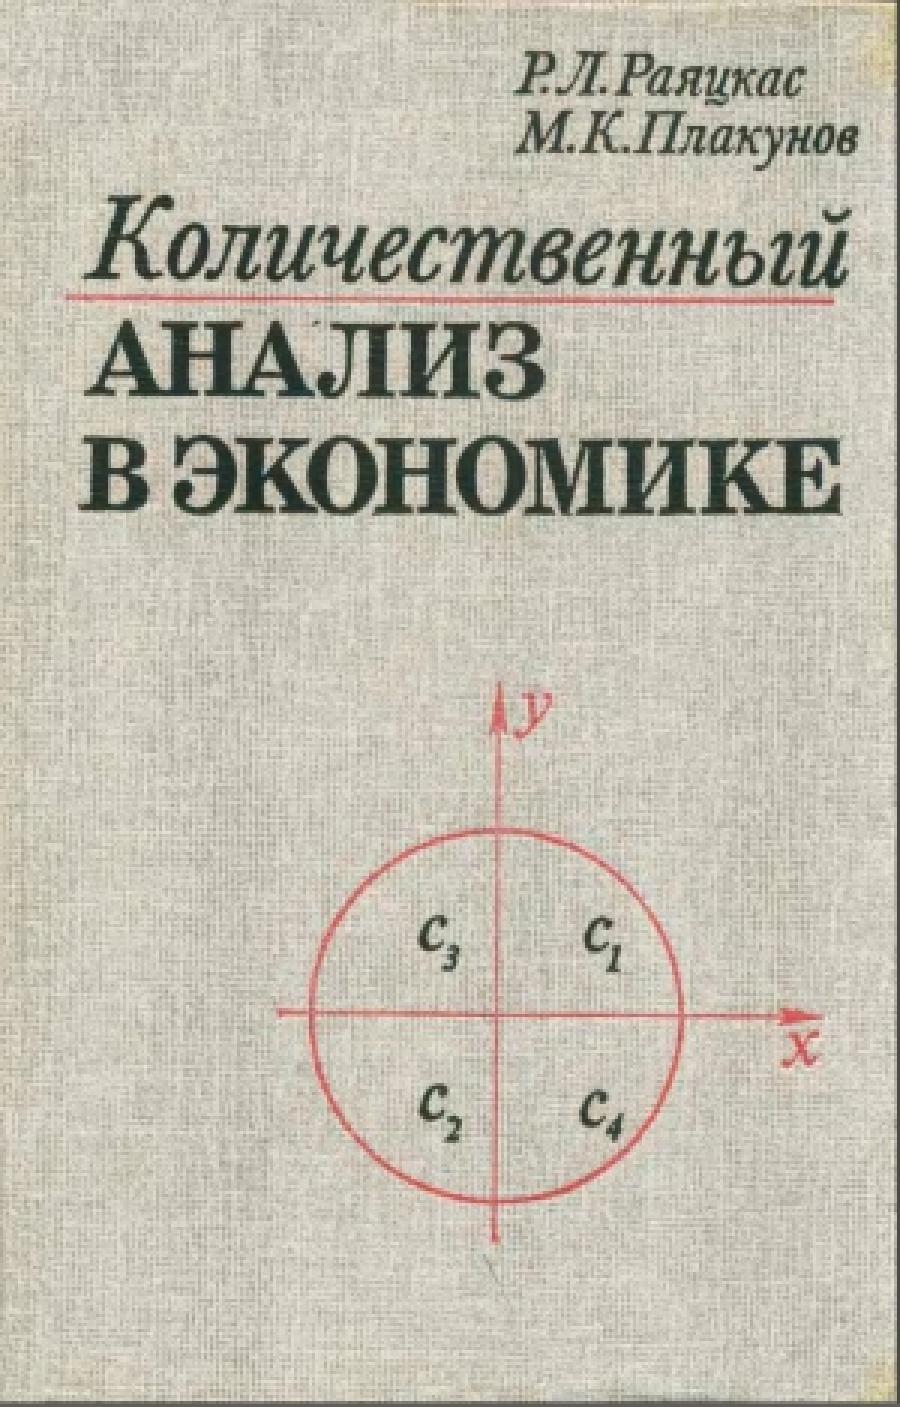 Обложка книги:  р.л. раяцкас, м.к. плакунов - количественный анализ в экономике